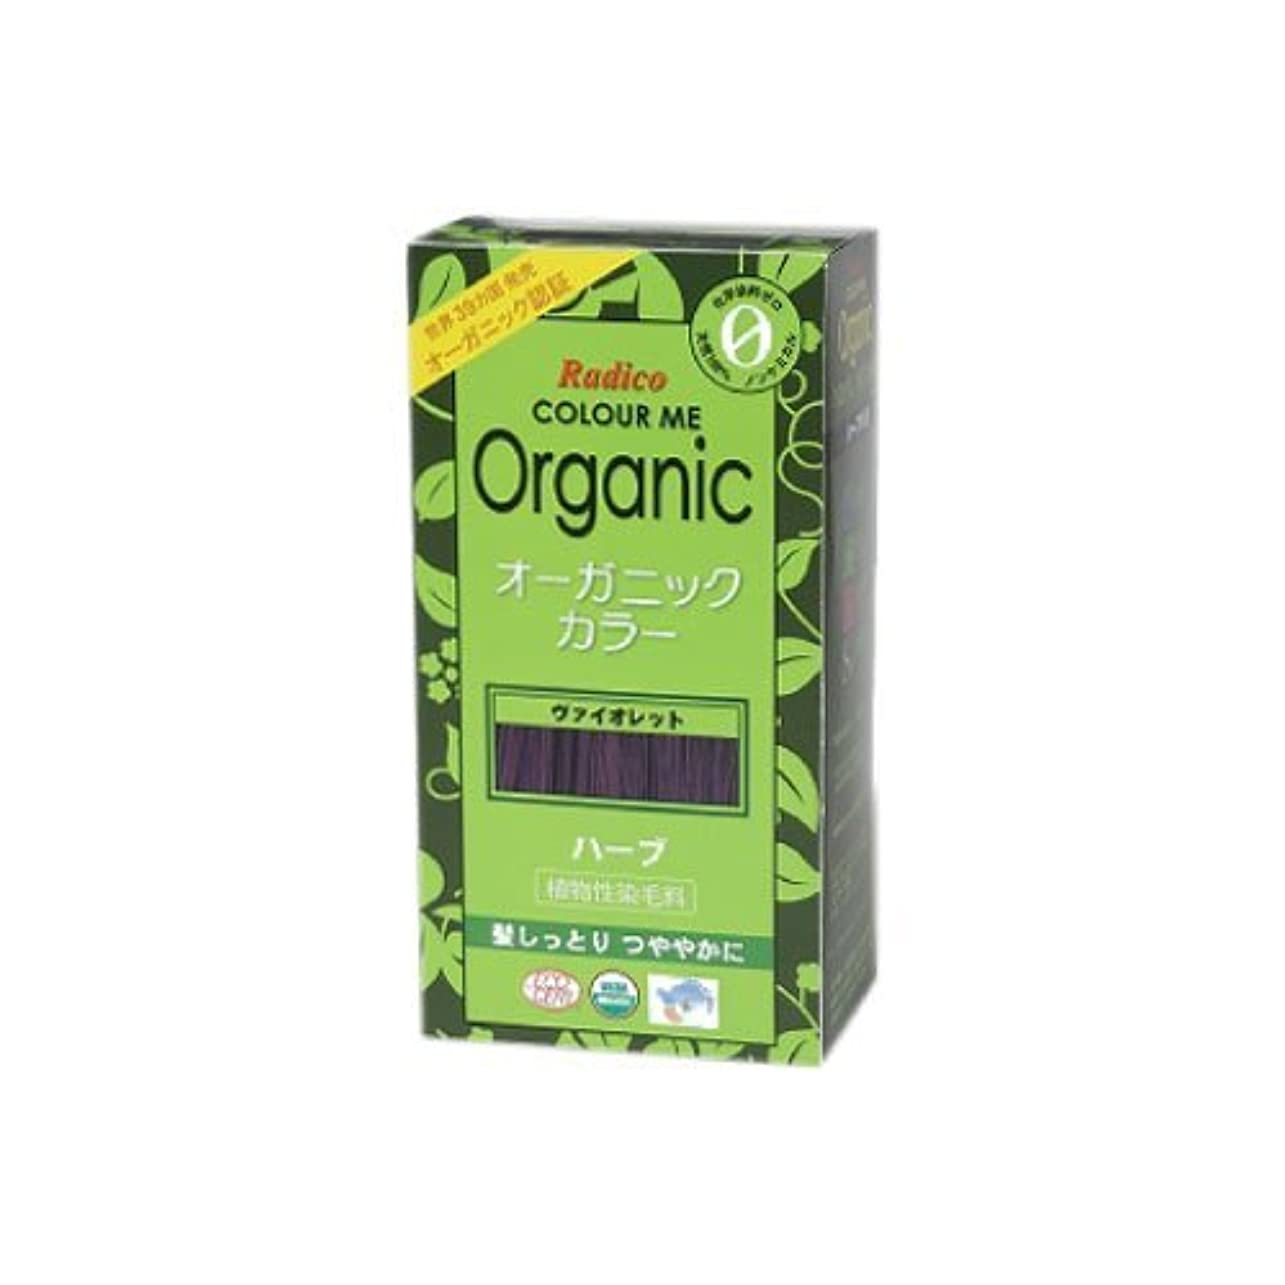 コンパス逃げる大工COLOURME Organic (カラーミーオーガニック ヘナ 白髪用 紫色) ヴァイオレット 100g